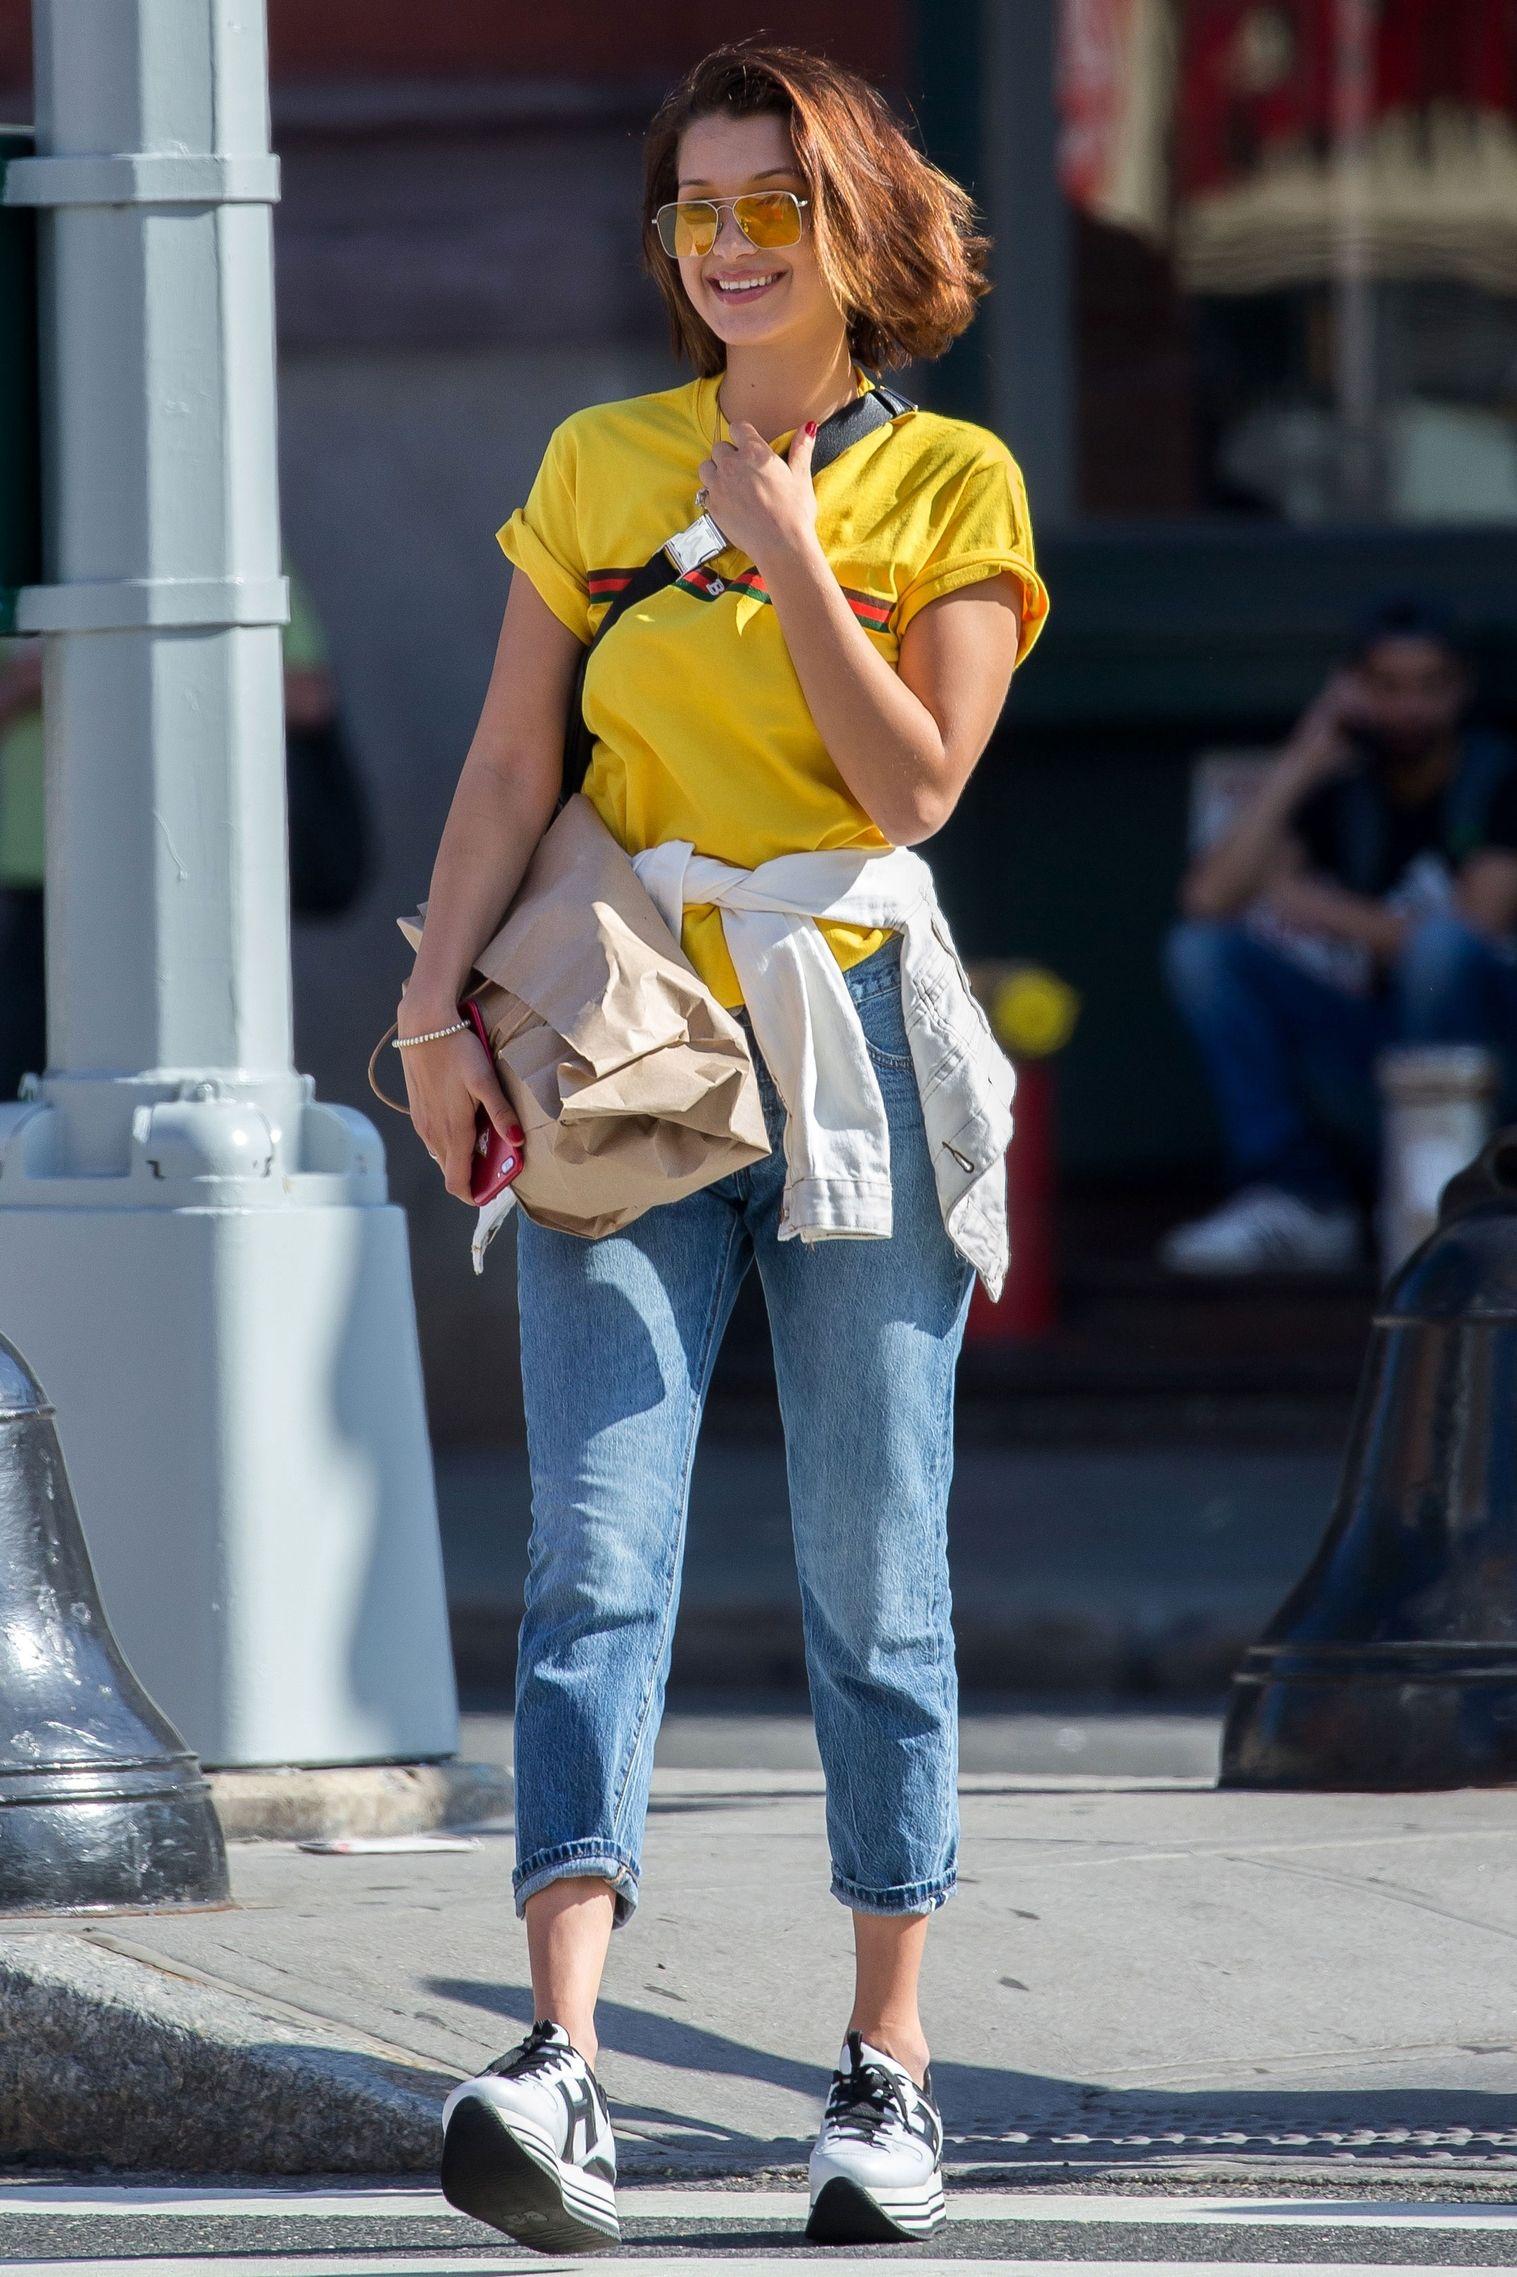 Diện mẫu áo thun in logo thời thượng của Gucci, kết hợp với chiếc kính râm tròng màu hợp mốt - set đồ mùa hè của cô em gái nhà Hadid mang hơi thở hoài cổ nhưng vẫn không kém phần hiện đại.